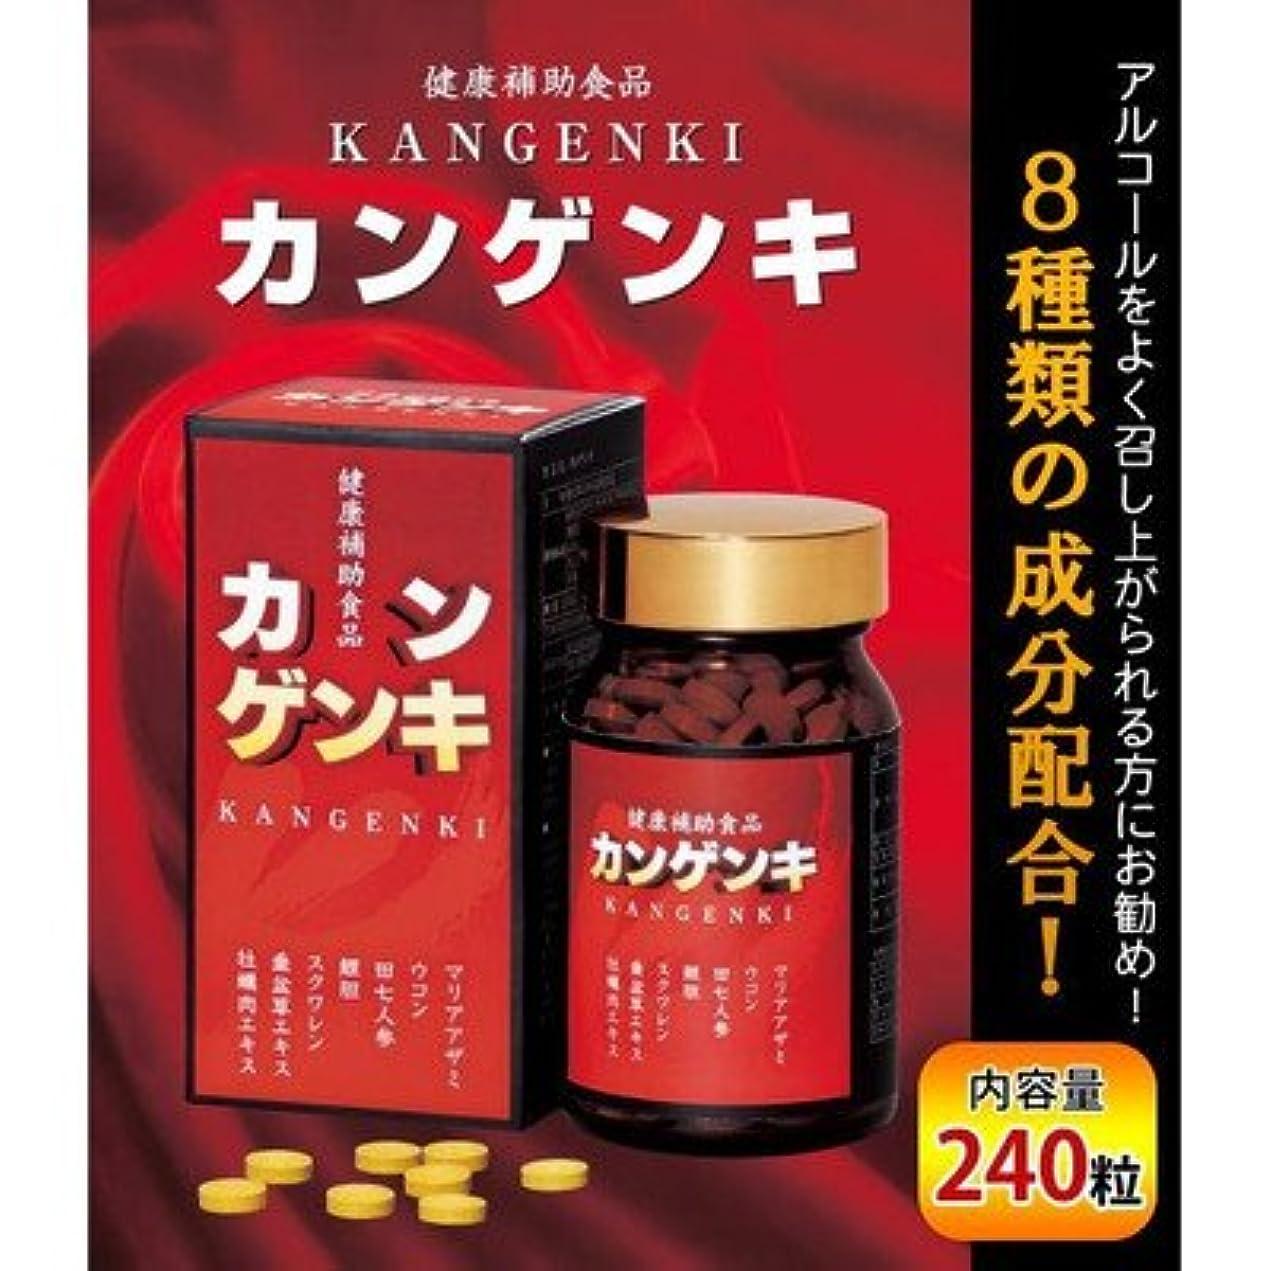 キウイ召集するダウンタウンカンゲンキ 240粒 (健康補助食品)